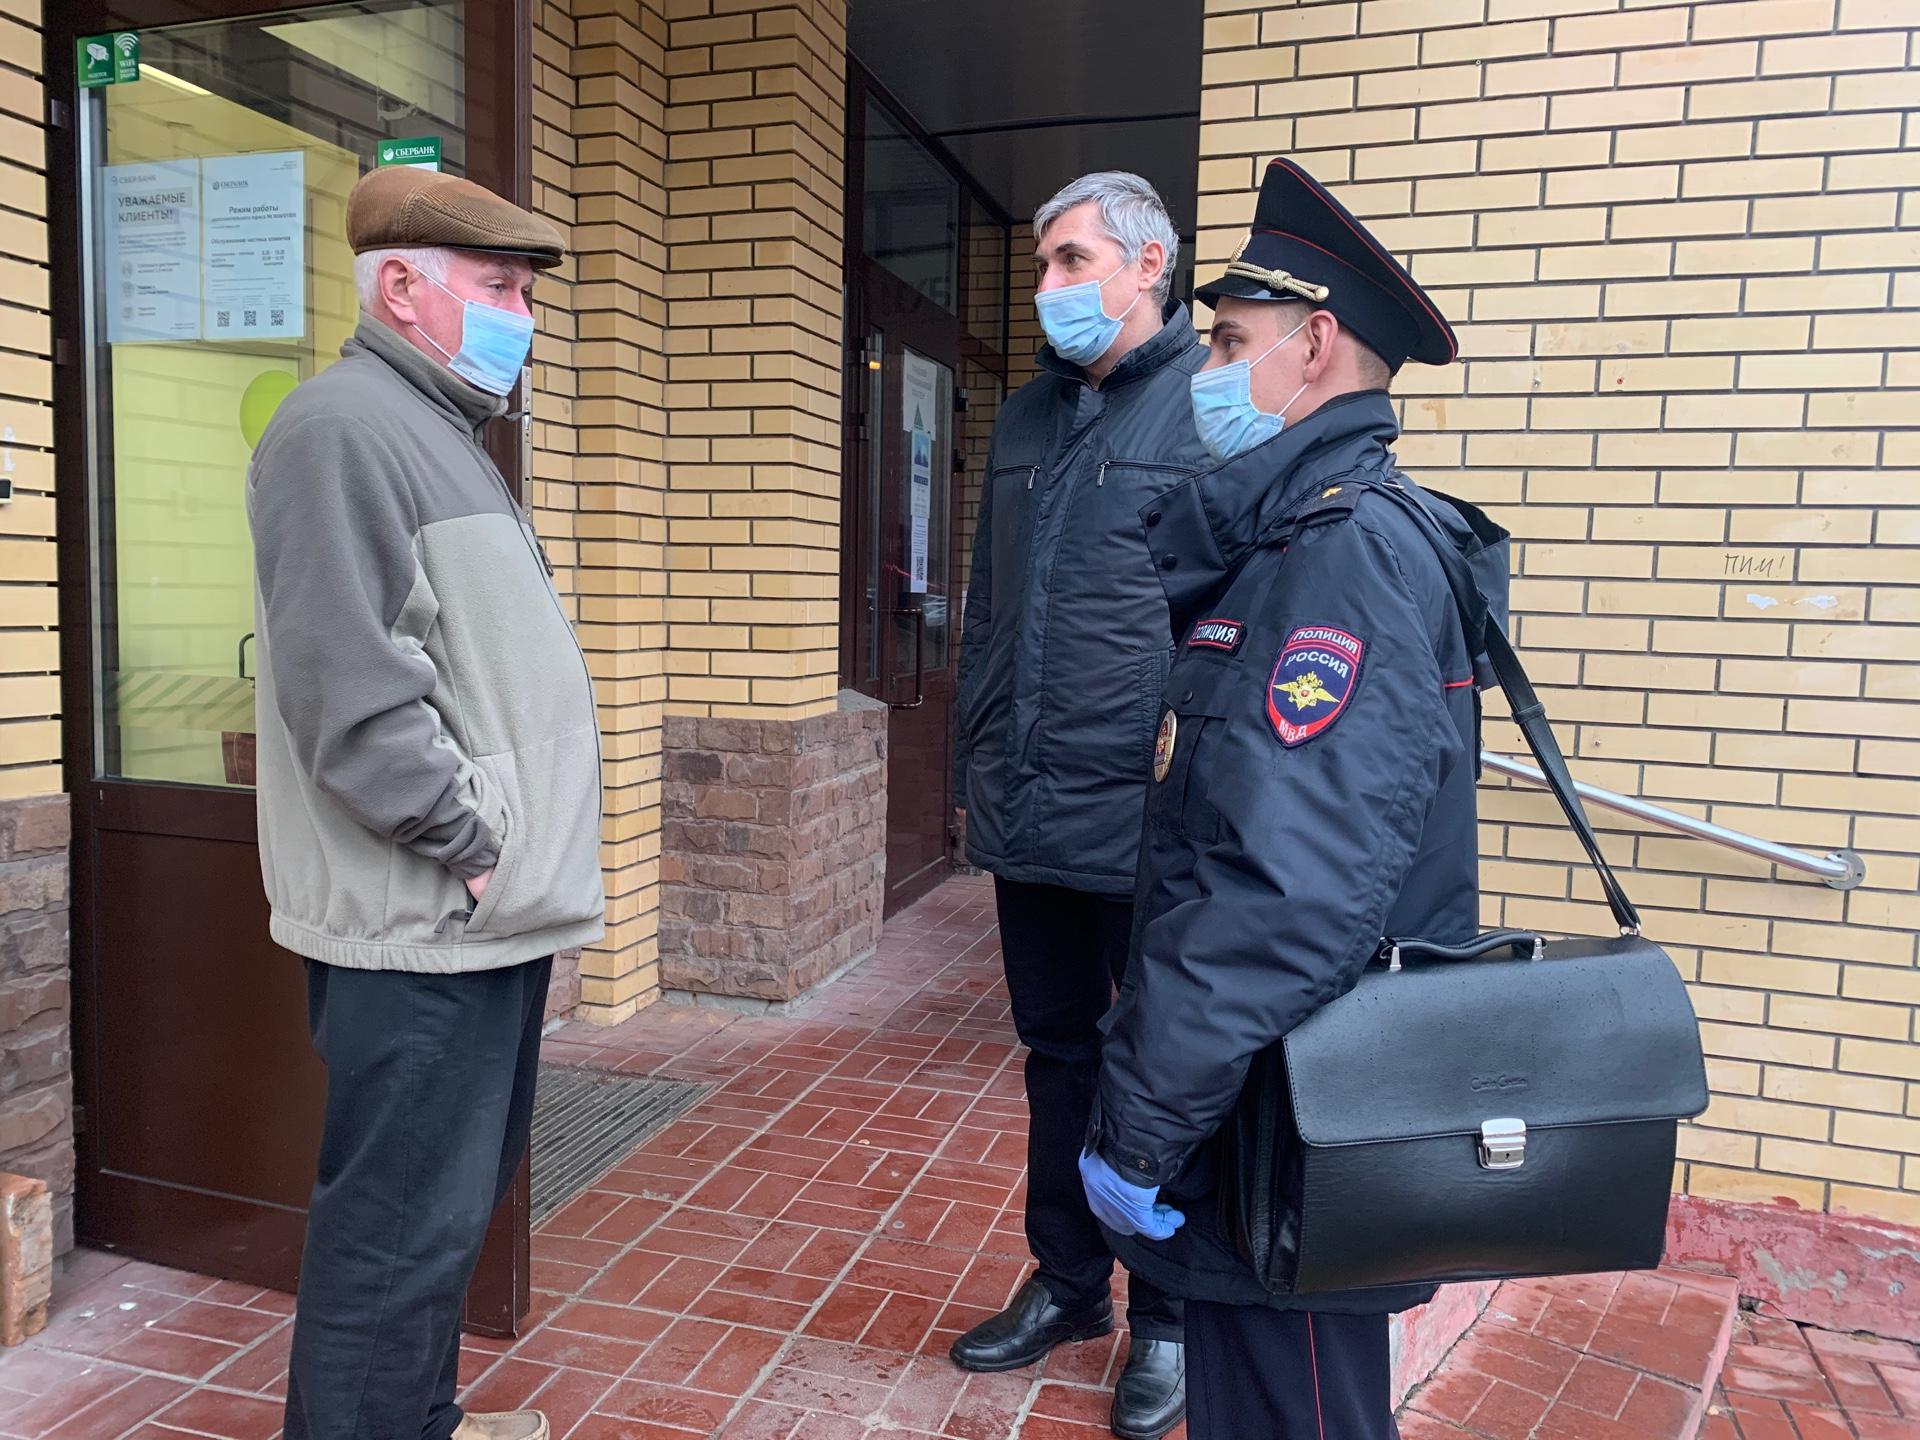 В ТиНАО задержан подозреваемый в грабеже пенсионера